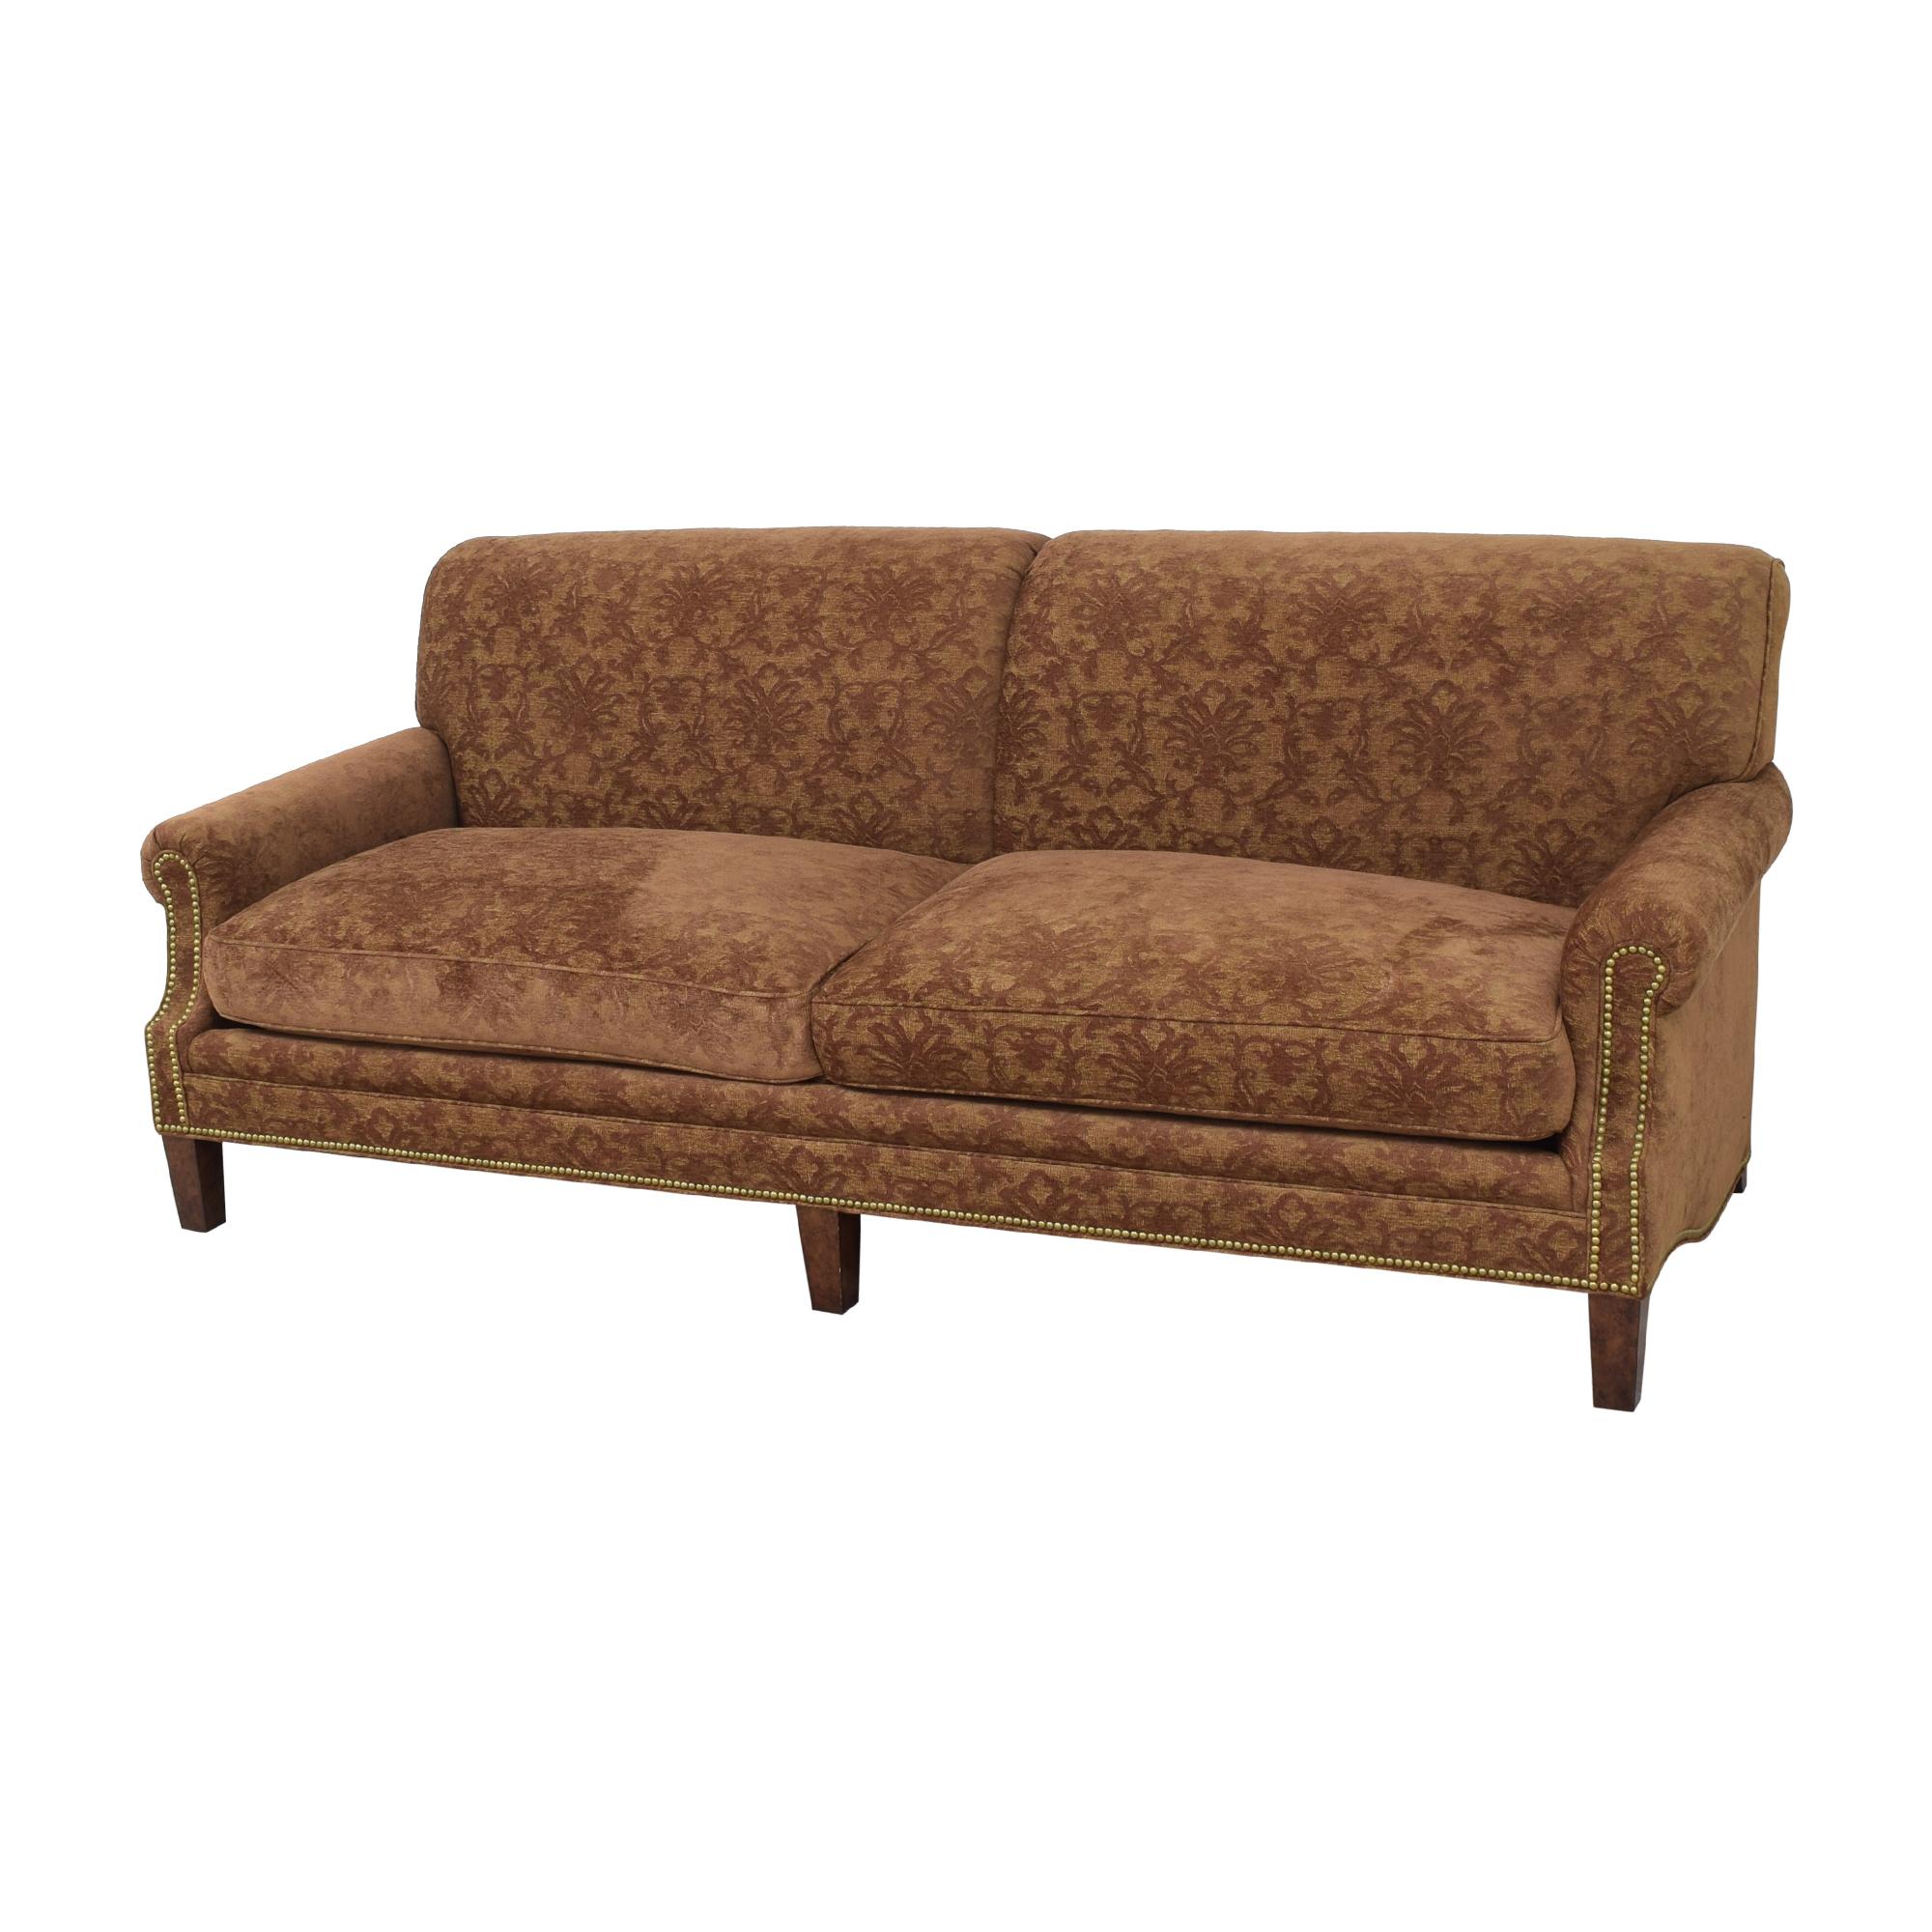 O. Henry House O. Henry House Garrett Sofa brown & gold